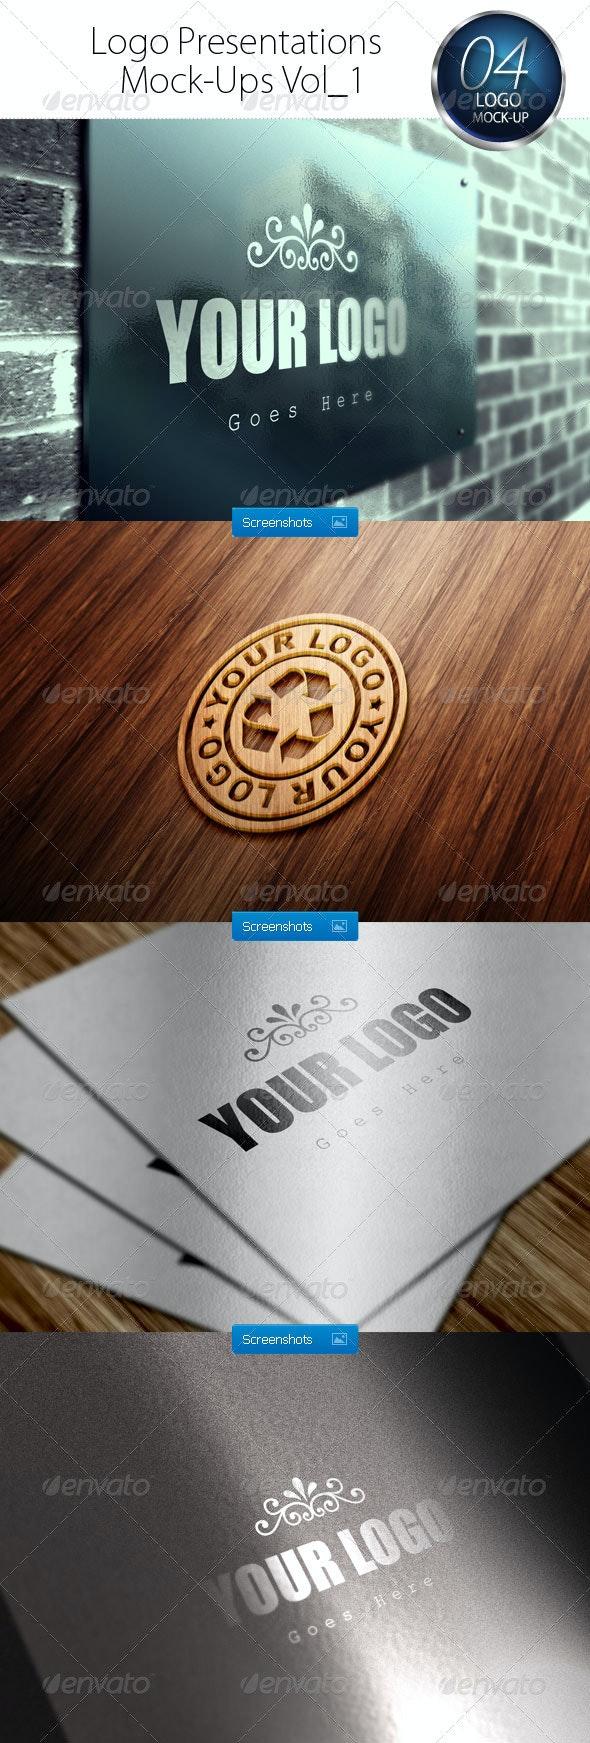 Logo Presentations Mock-Ups Vol_1 - Logo Product Mock-Ups